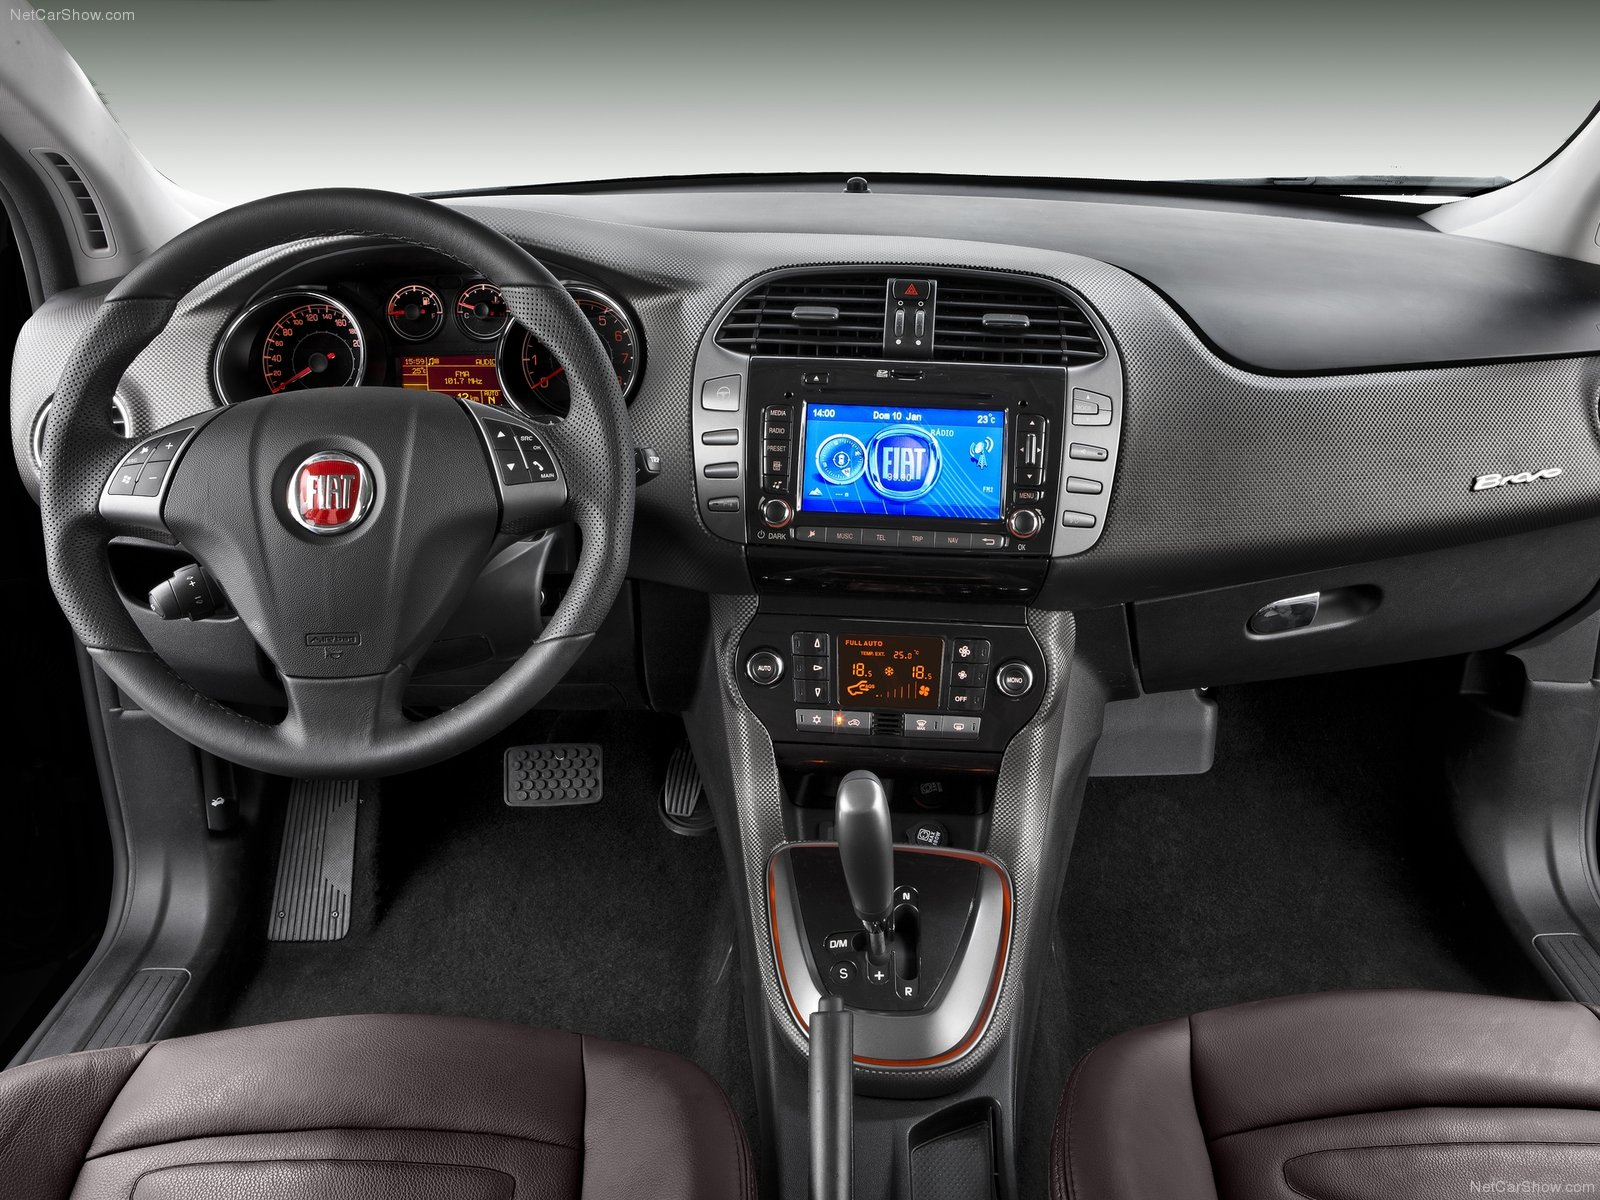 3dtuning Of Fiat Bravo 5 Door Hatchback 2011 3dtuning Com